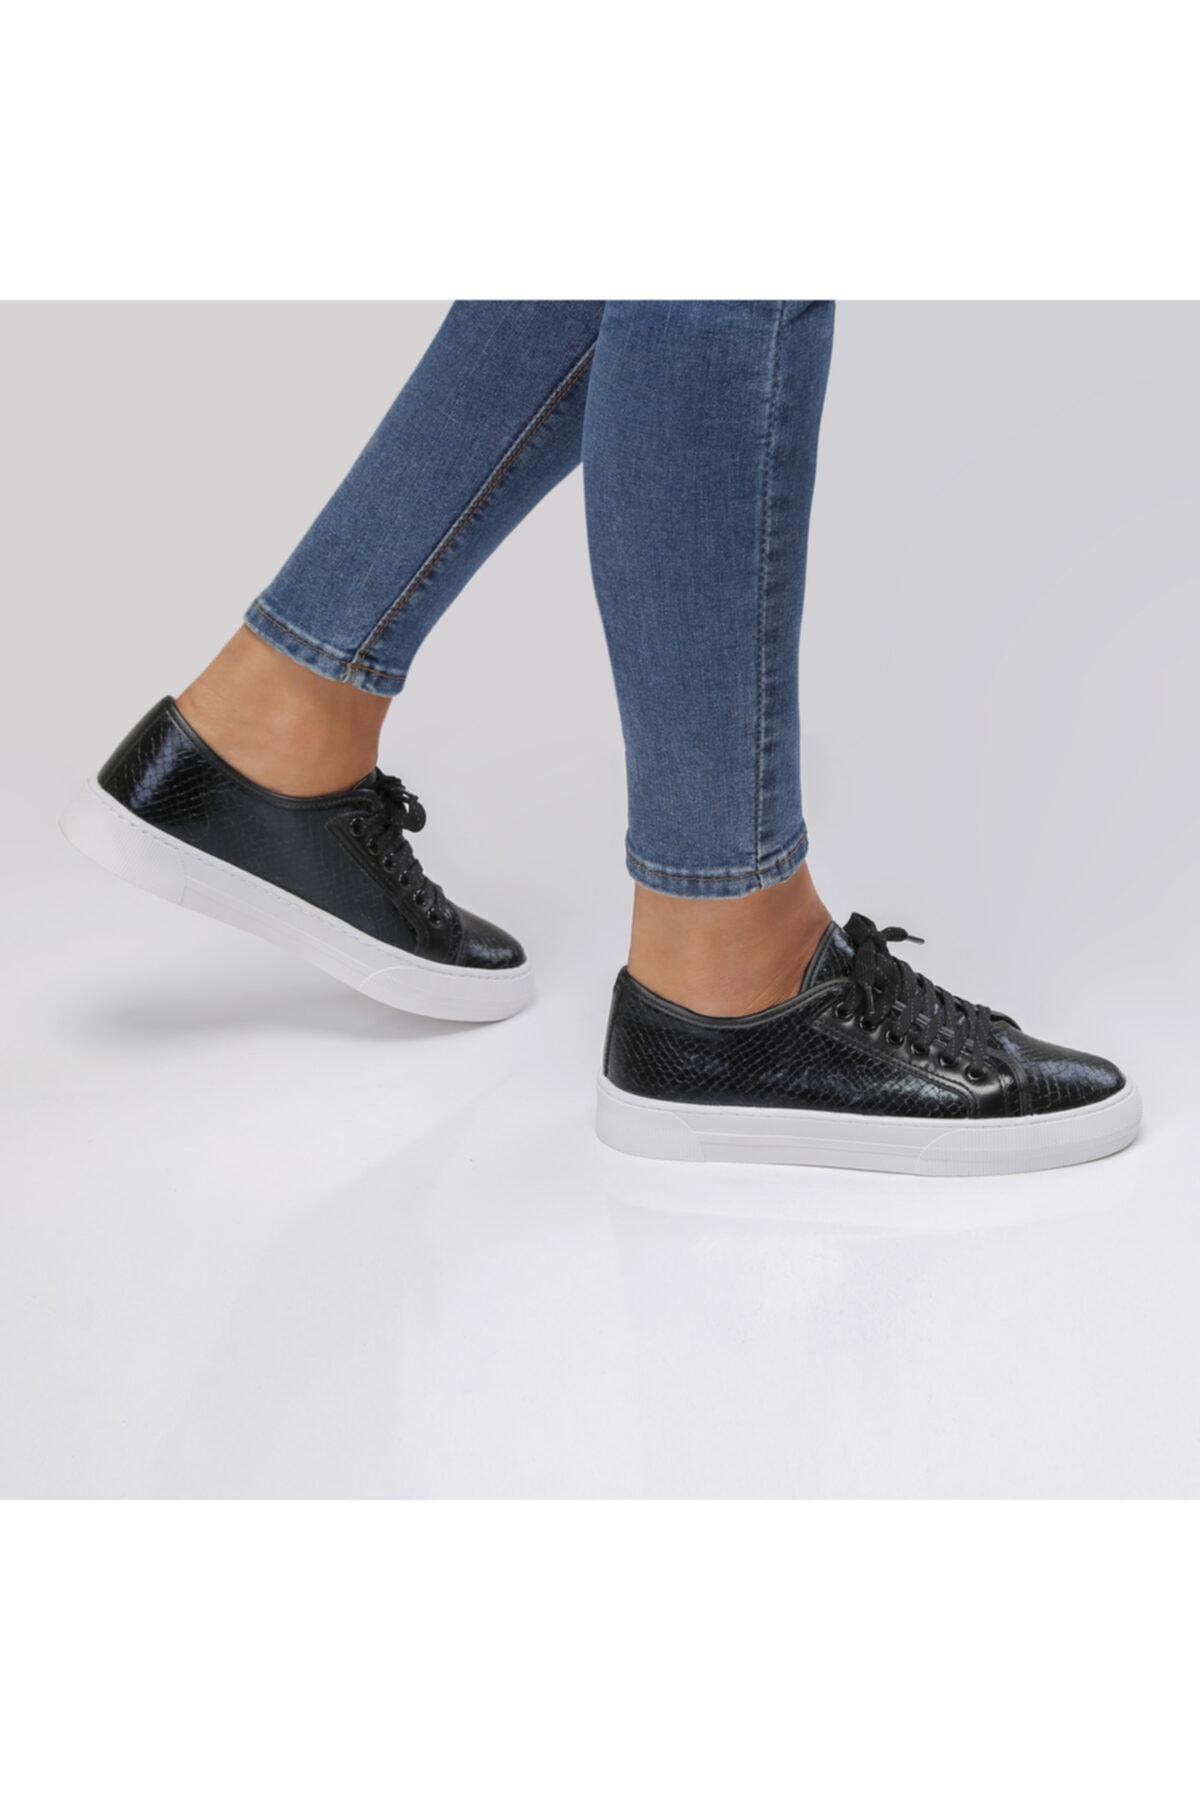 Tnc Sports Kadın Vegan Sneakers & Spor Ayakkabı 776 3214 Byn Ayk Sk20-21 1